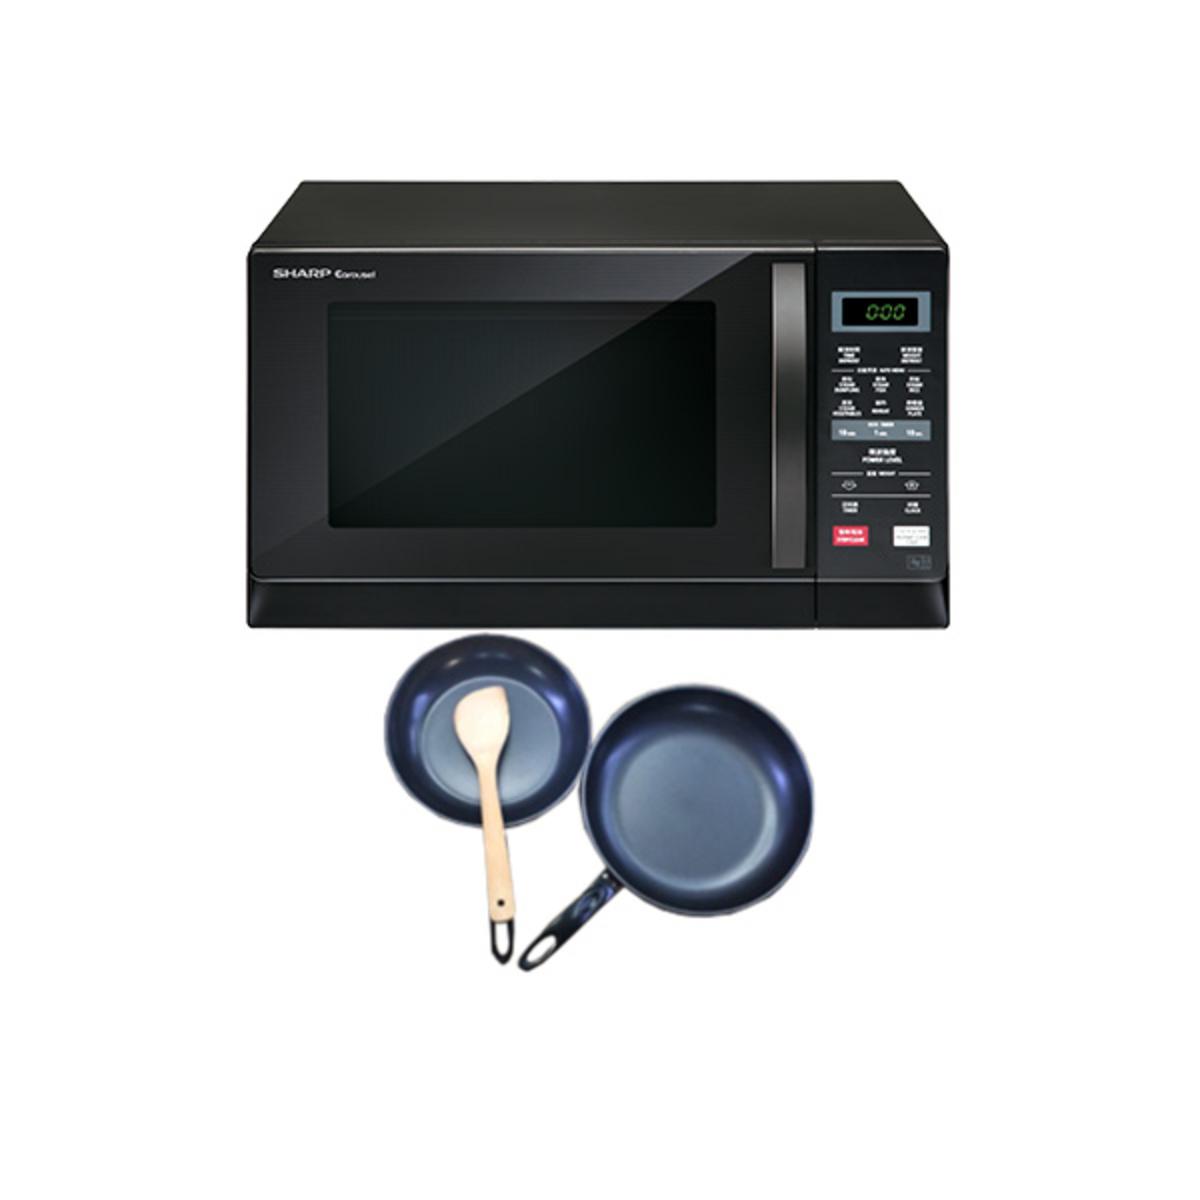 Sharp Microwave R347ek